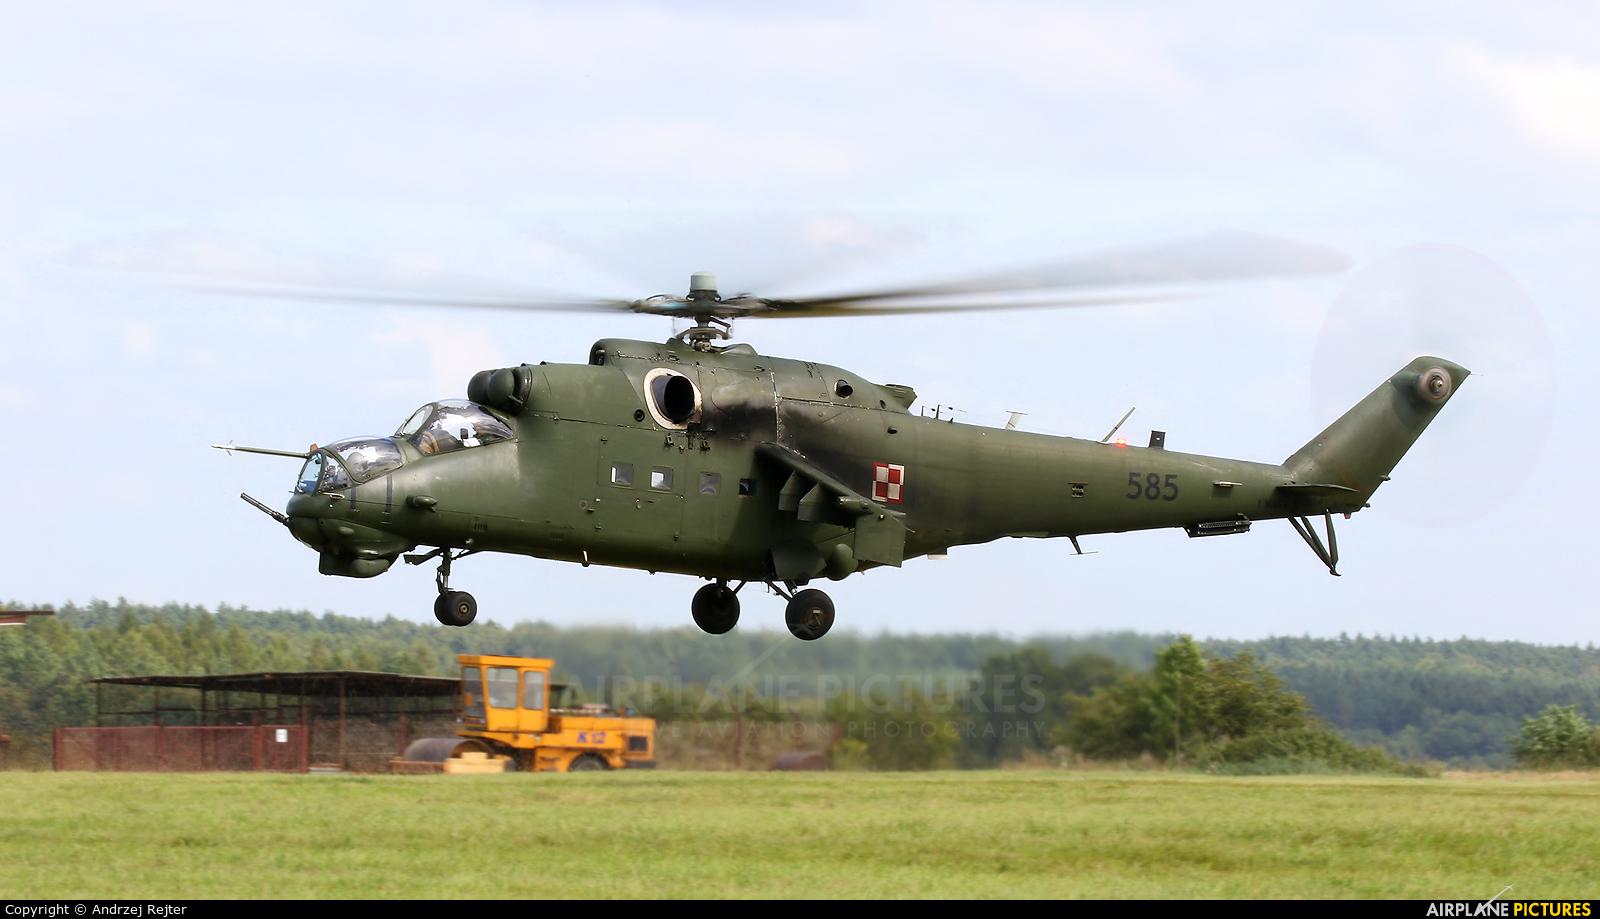 Poland - Army 585 aircraft at Kętrzyn - Wilamowo